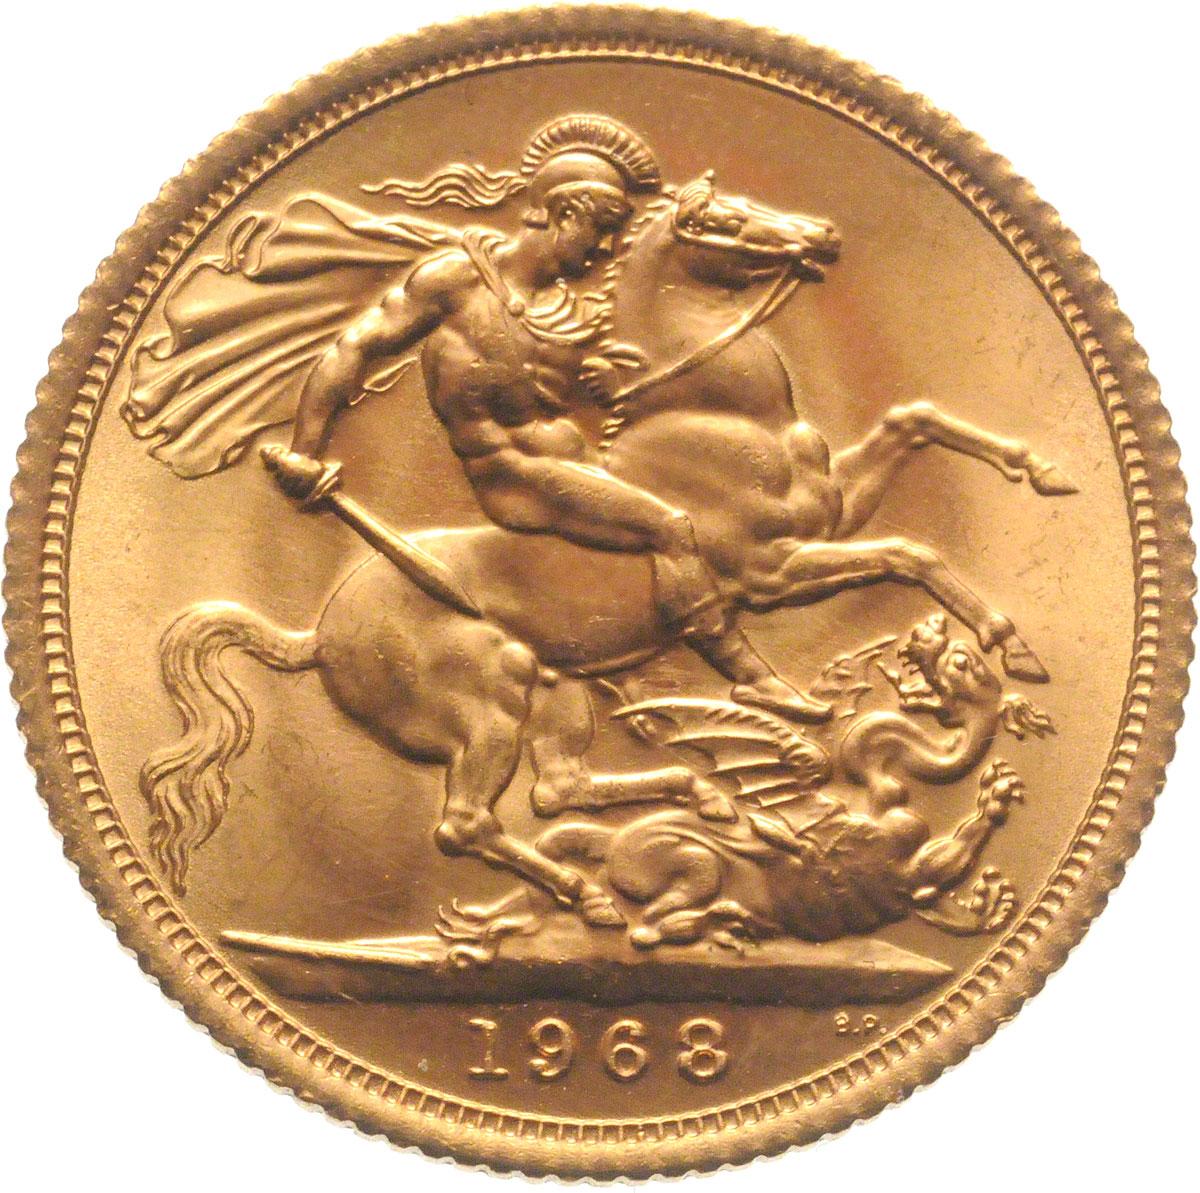 1968 Gold Sovereign : Elizabeth II